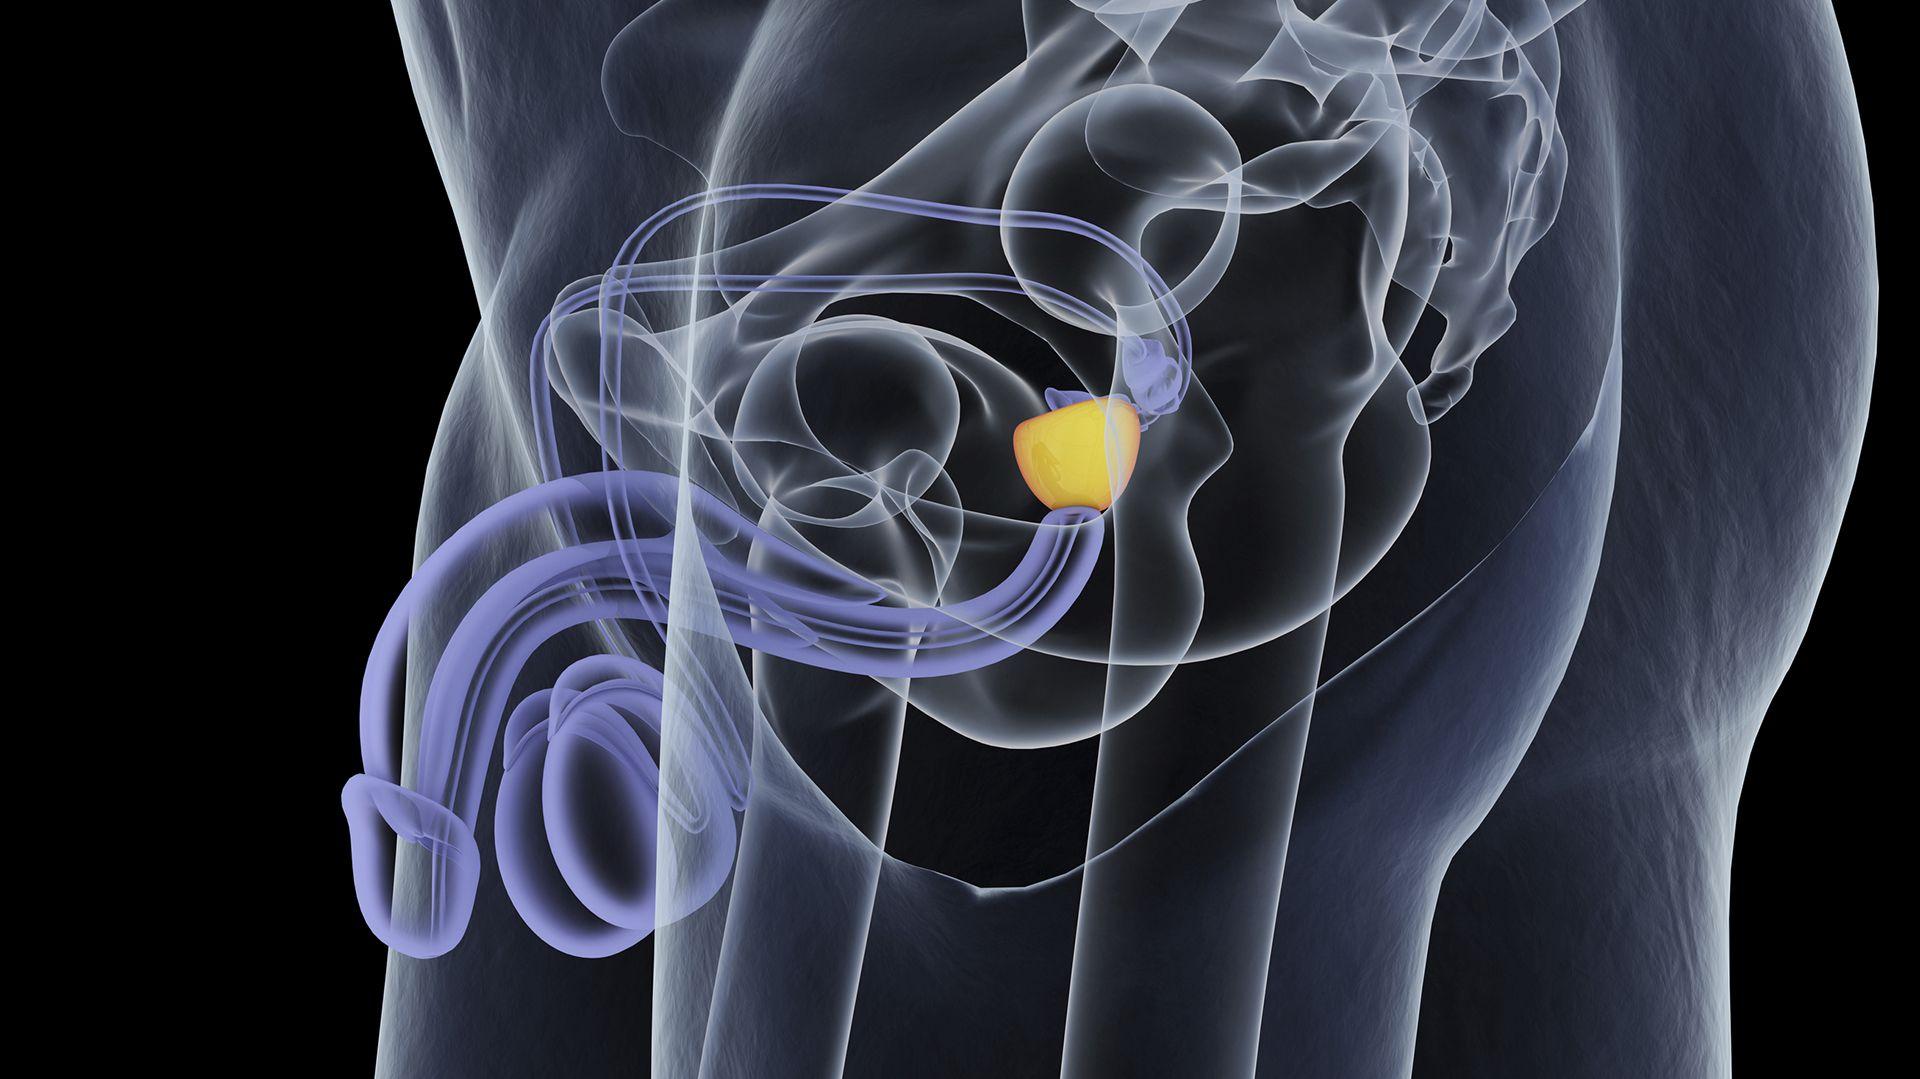 El cáncer de próstata es la segunda muerte por cáncer en el varón adulto, en donde 1 de cada 6 hombres desarrollará cáncer de próstata a lo largo de su vida  (Getty)